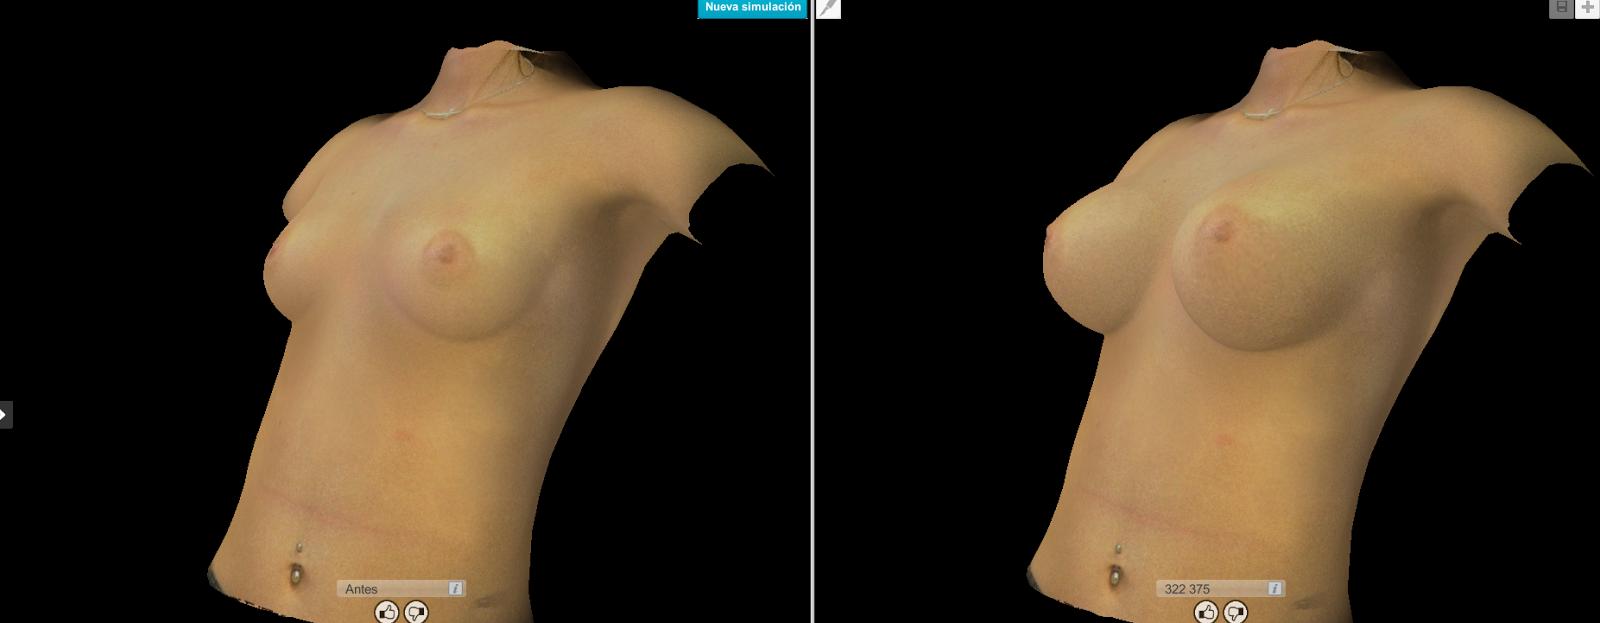 Simulación 3D (Crisalix Virtual Aesthetics).